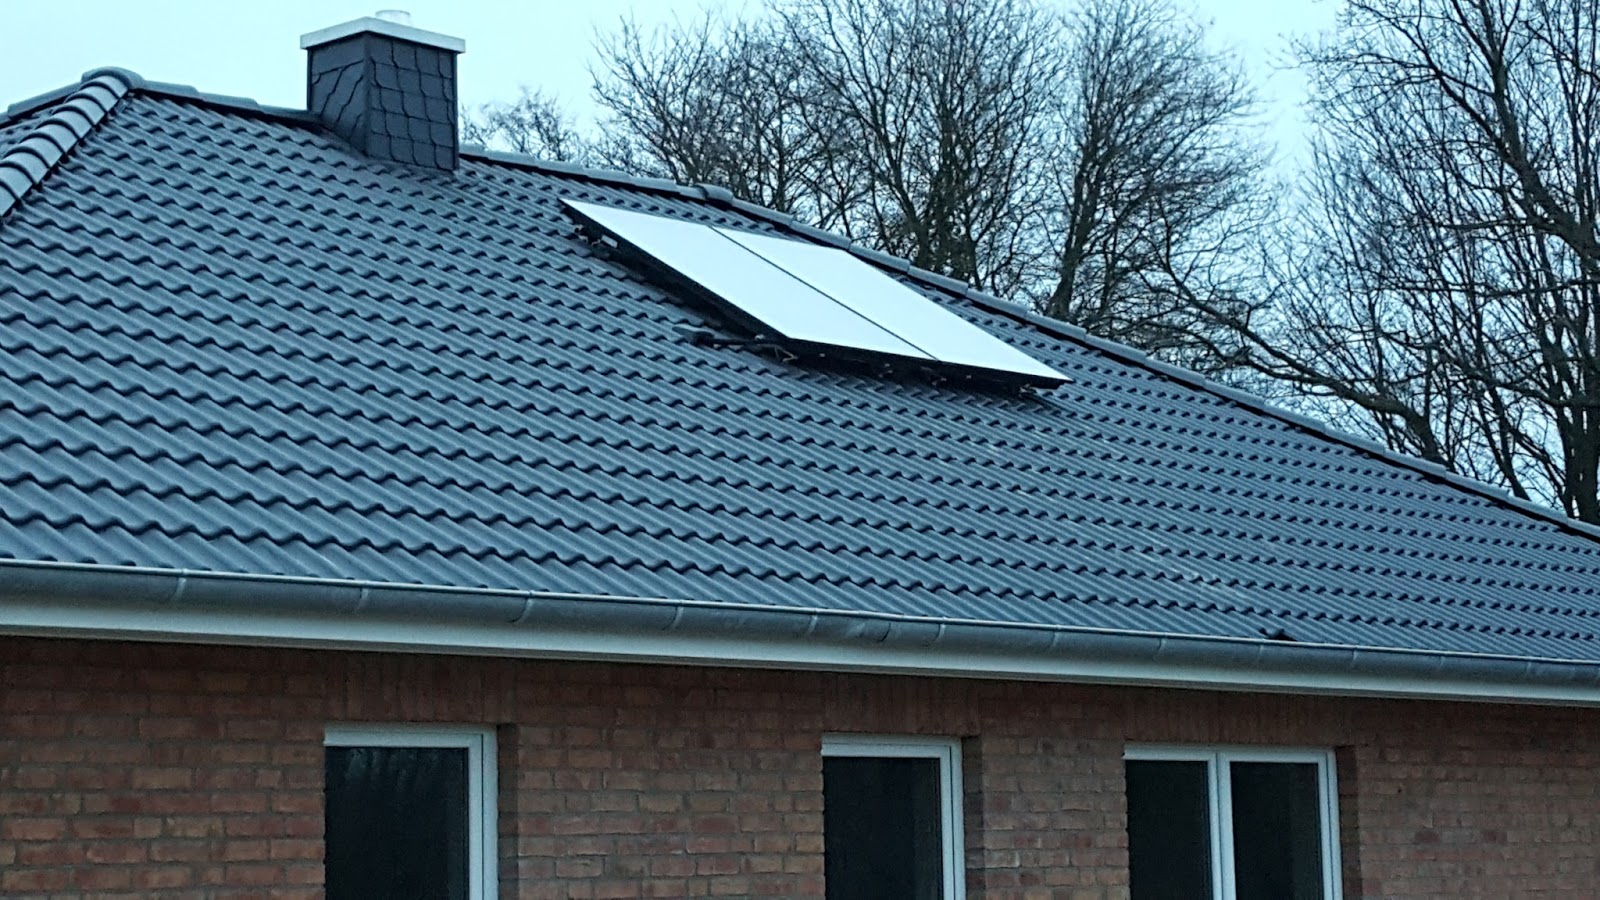 simone frank bauen ein haus jetzt haben wir unsere solarpanels auf dem dach. Black Bedroom Furniture Sets. Home Design Ideas